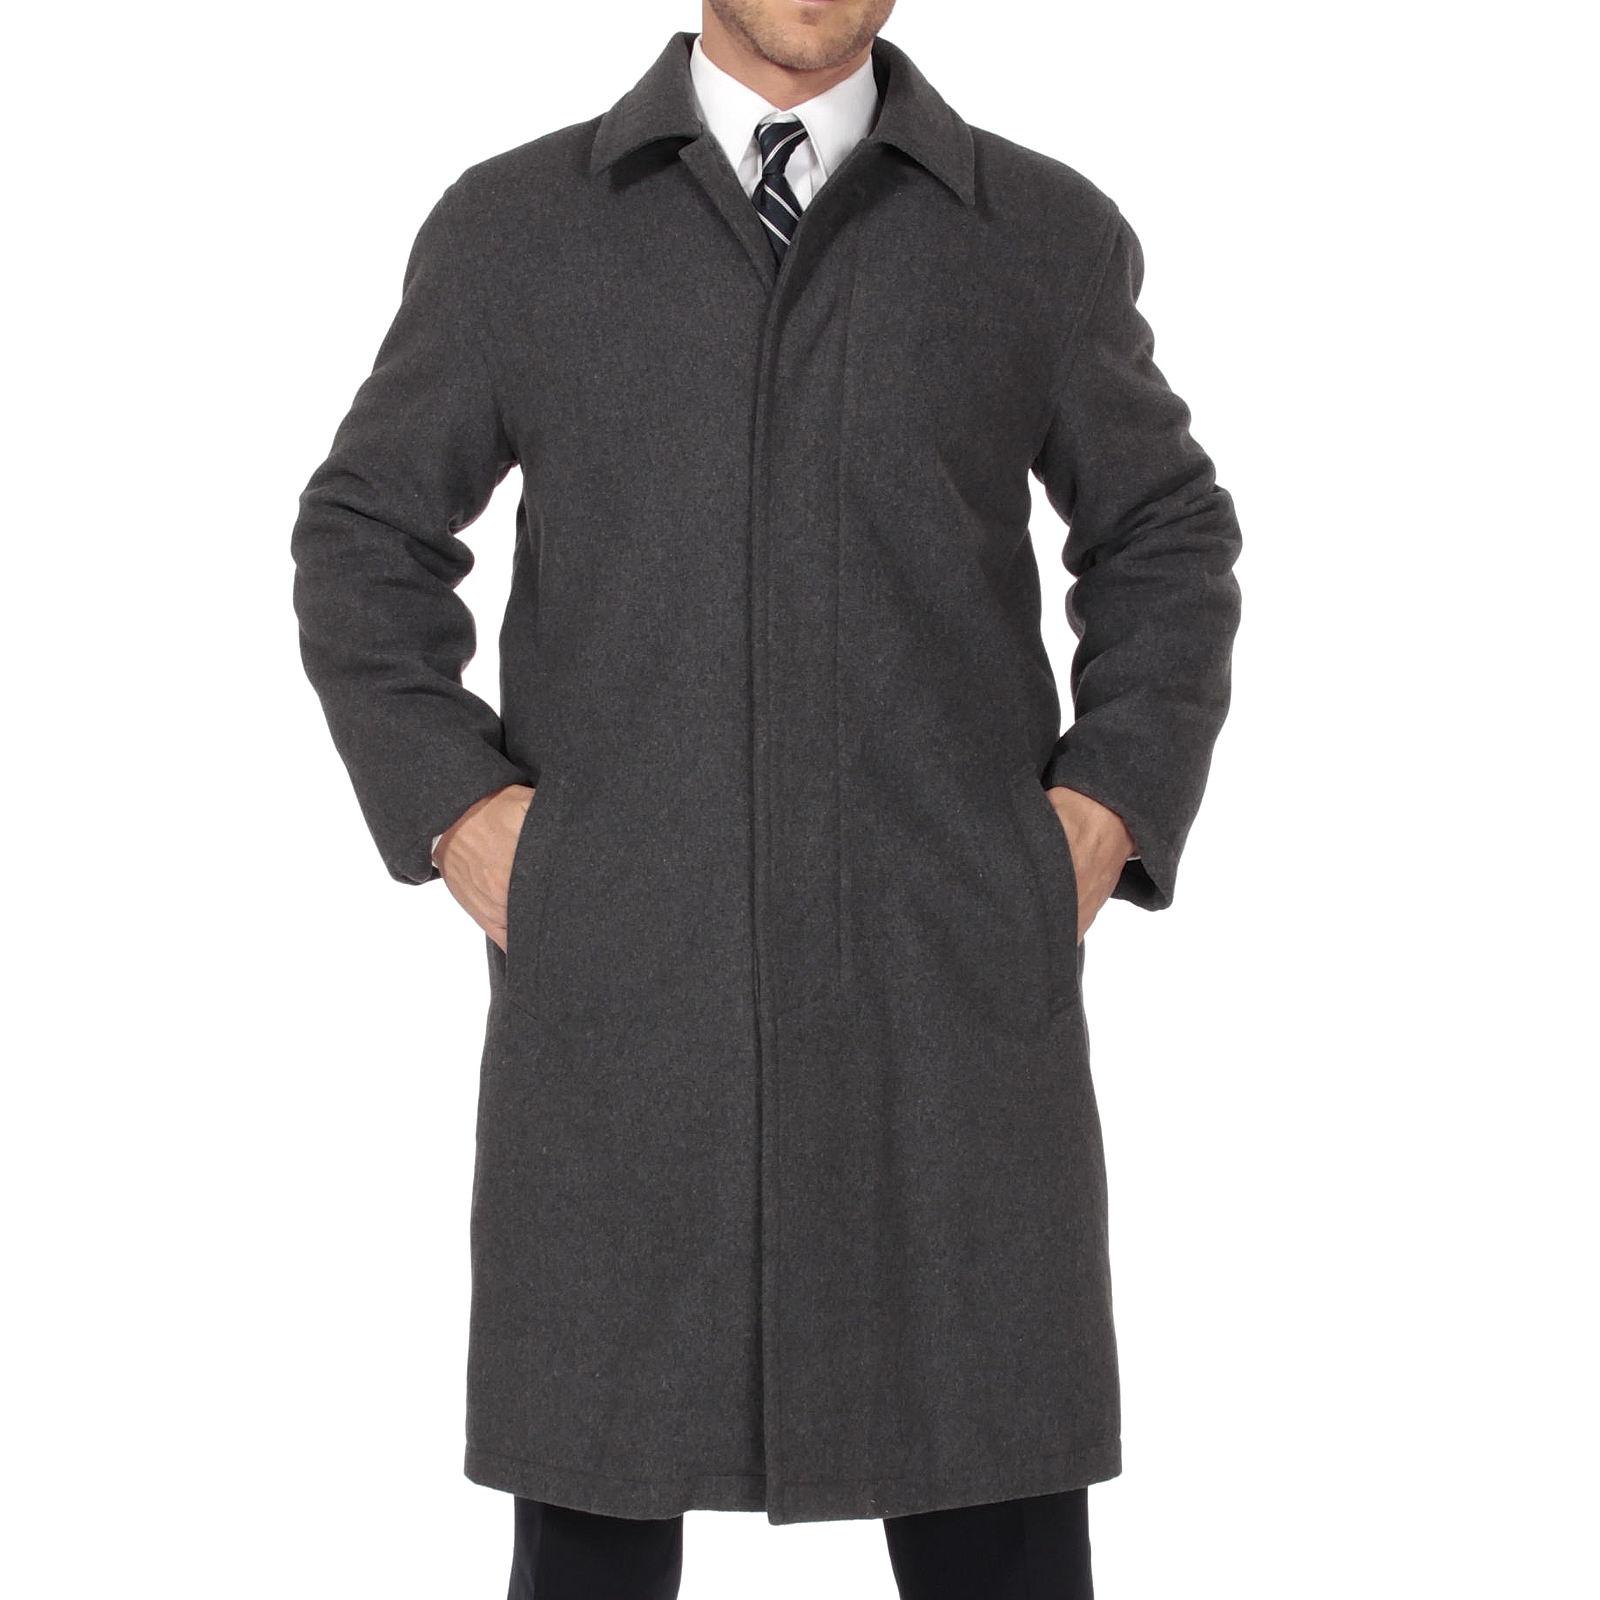 Alpine Swiss Men's Zach Knee Length Jacket Top Coat Trench Wool Blend Overcoat 0